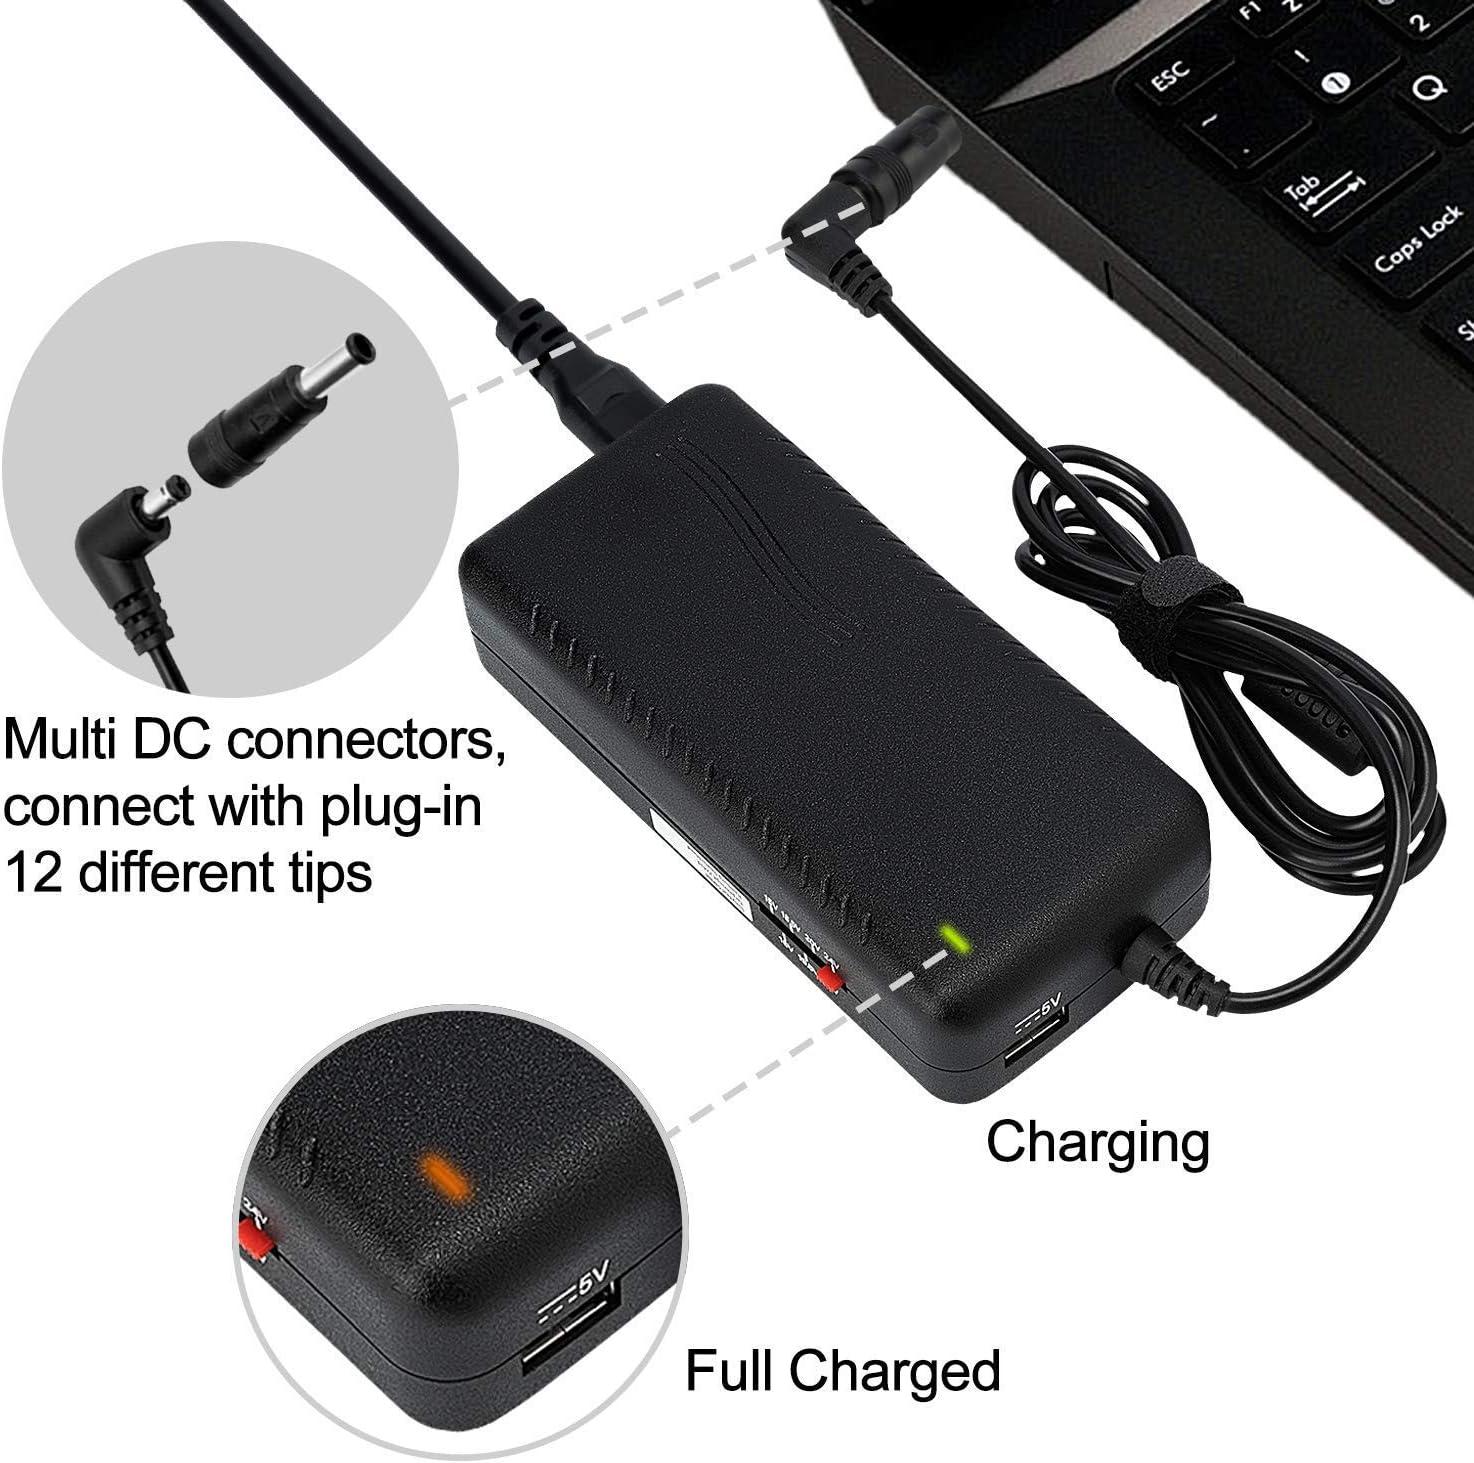 Amazon.com: Selectec Universal 12 Tips Laptop AC Adapter ...